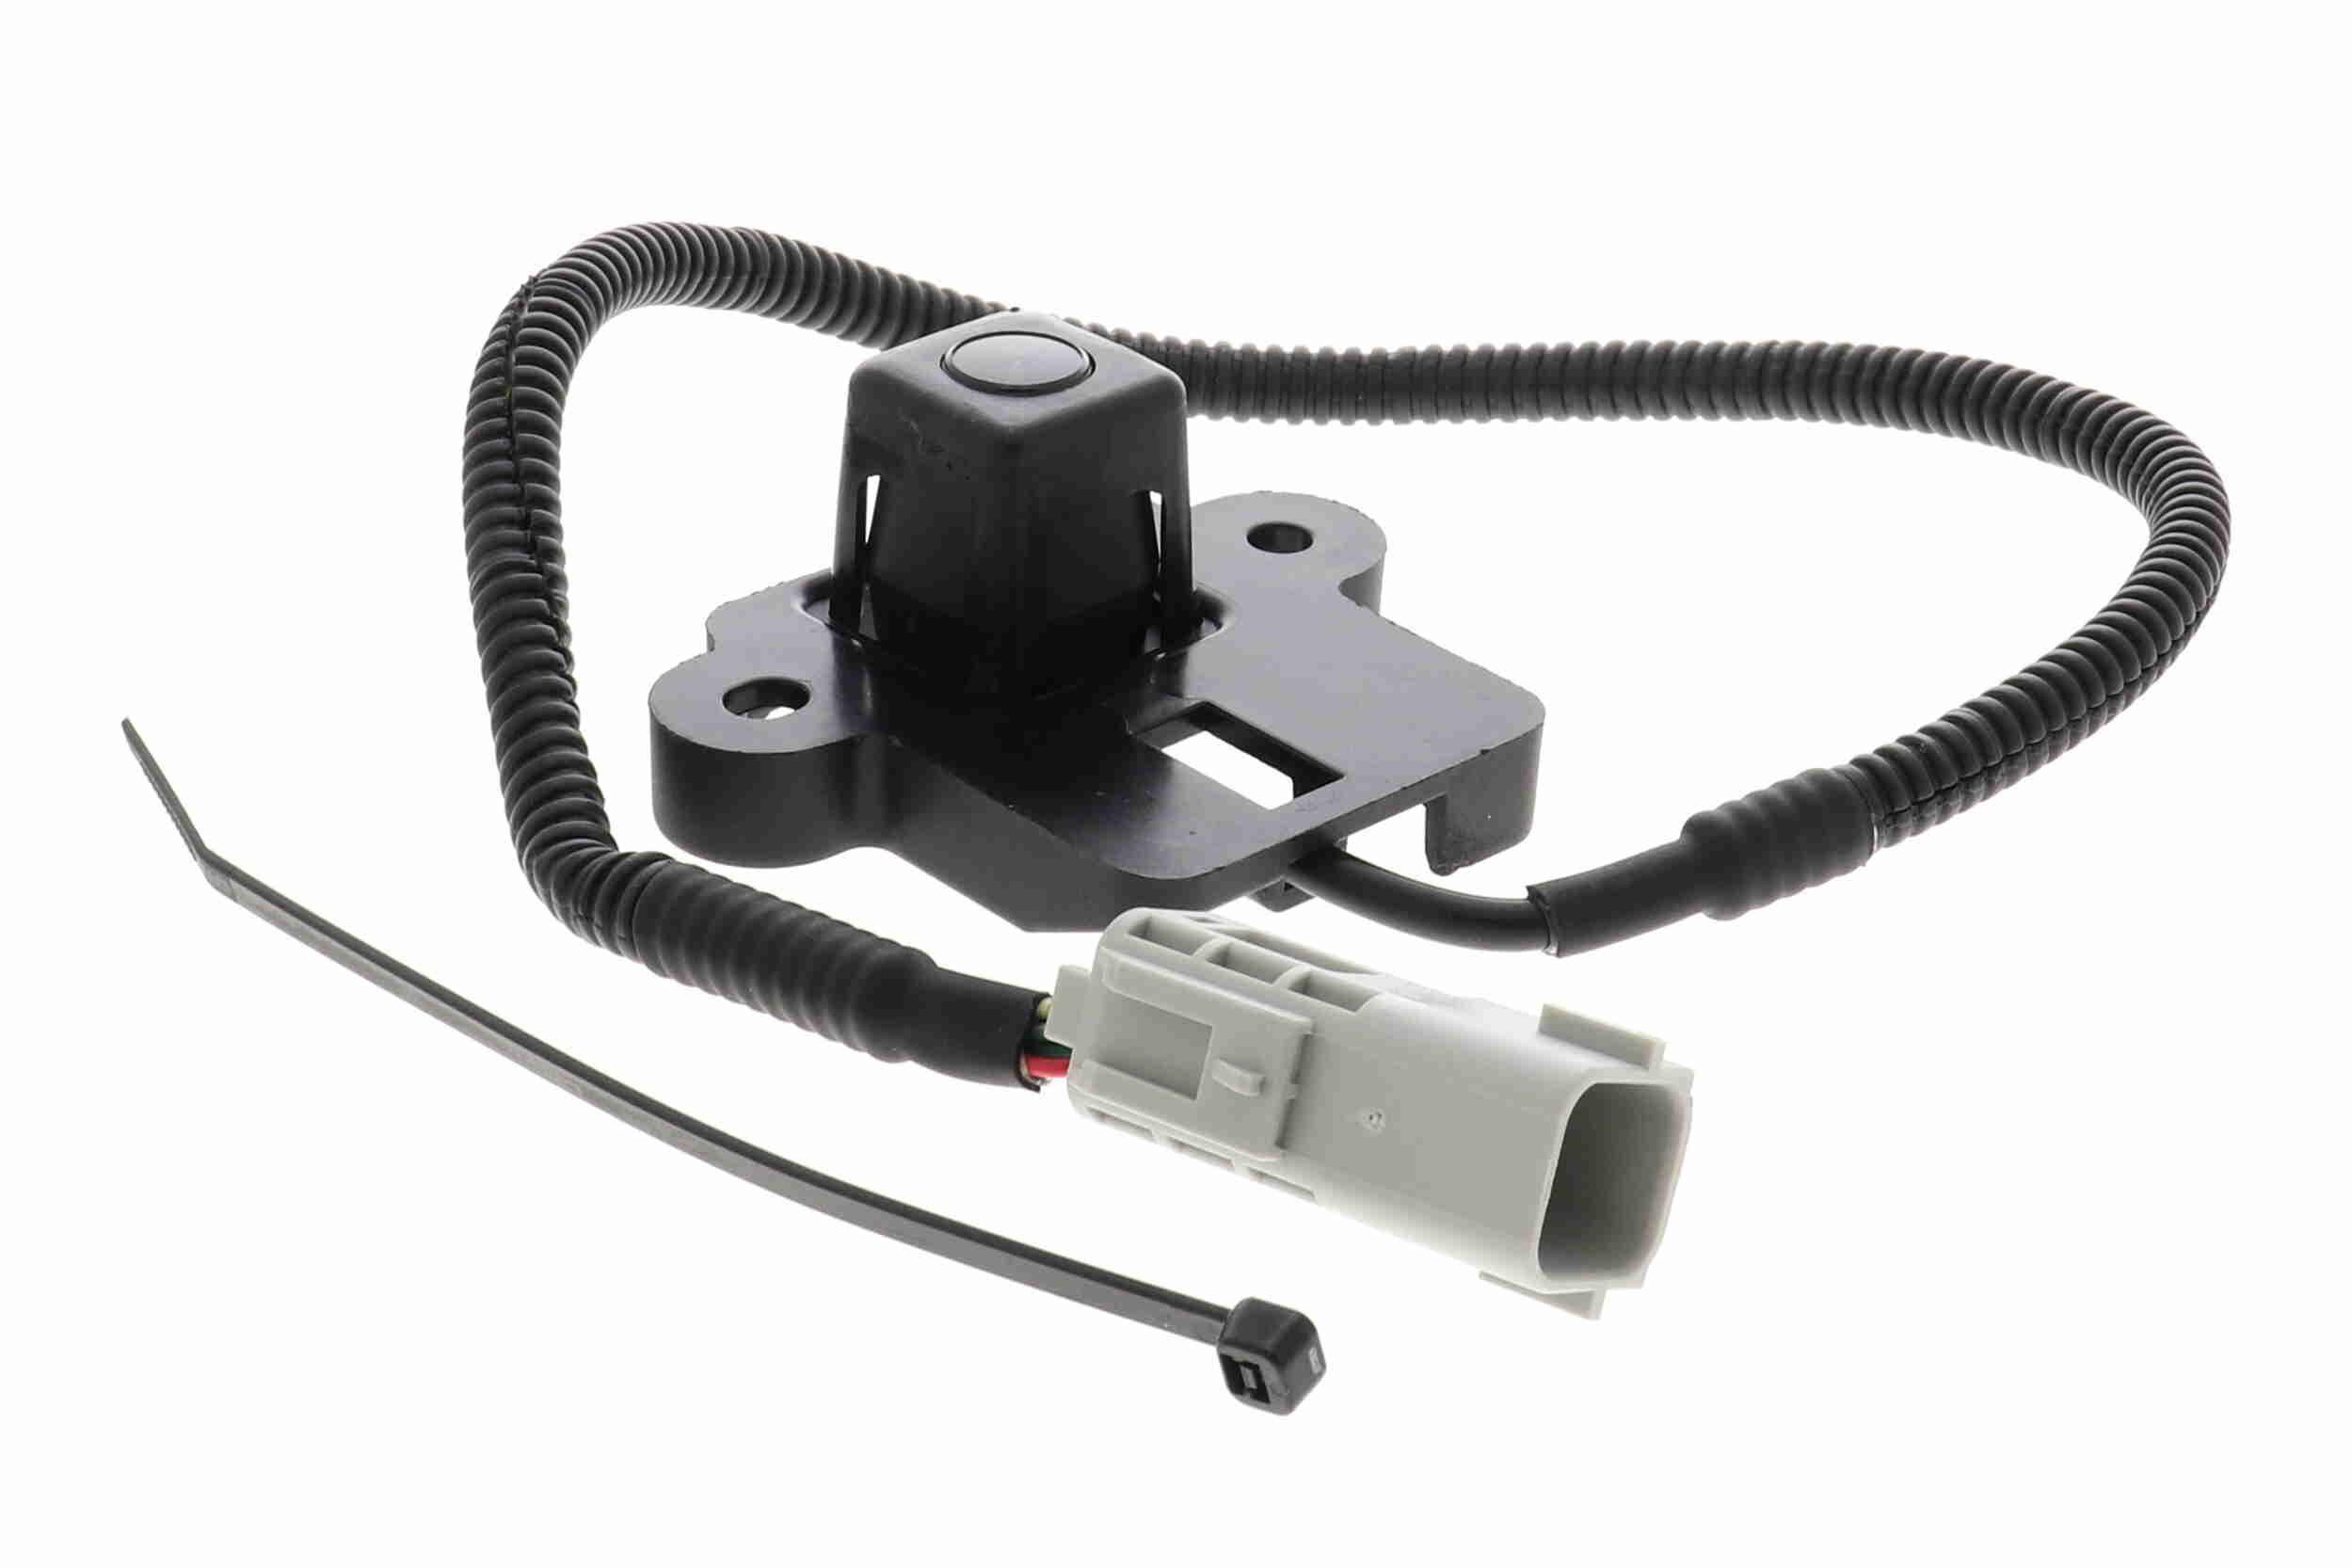 VEMO V51-74-0008 Rückwärtskamera für Auto Original VEMO Qualität niedrige Preise - Jetzt kaufen!